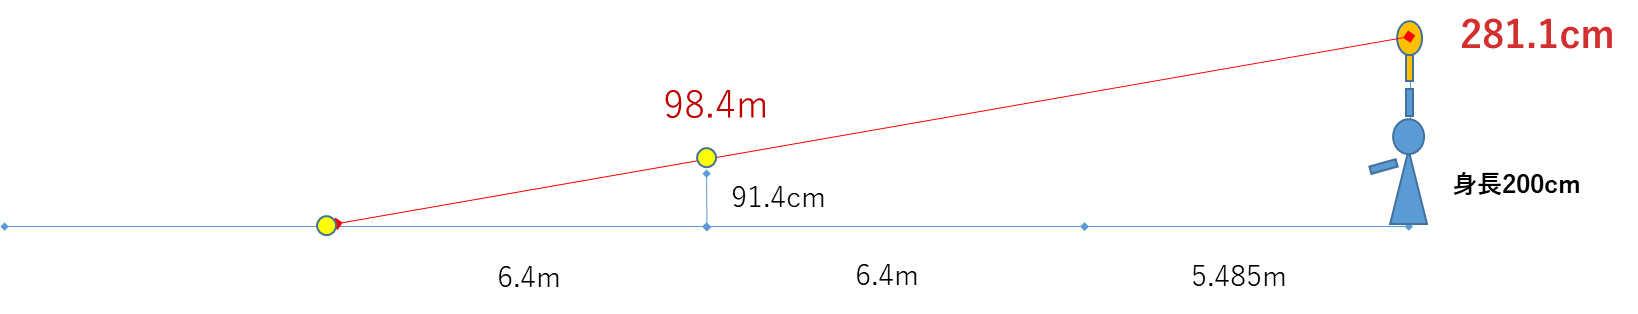 サーブ 打点 2m